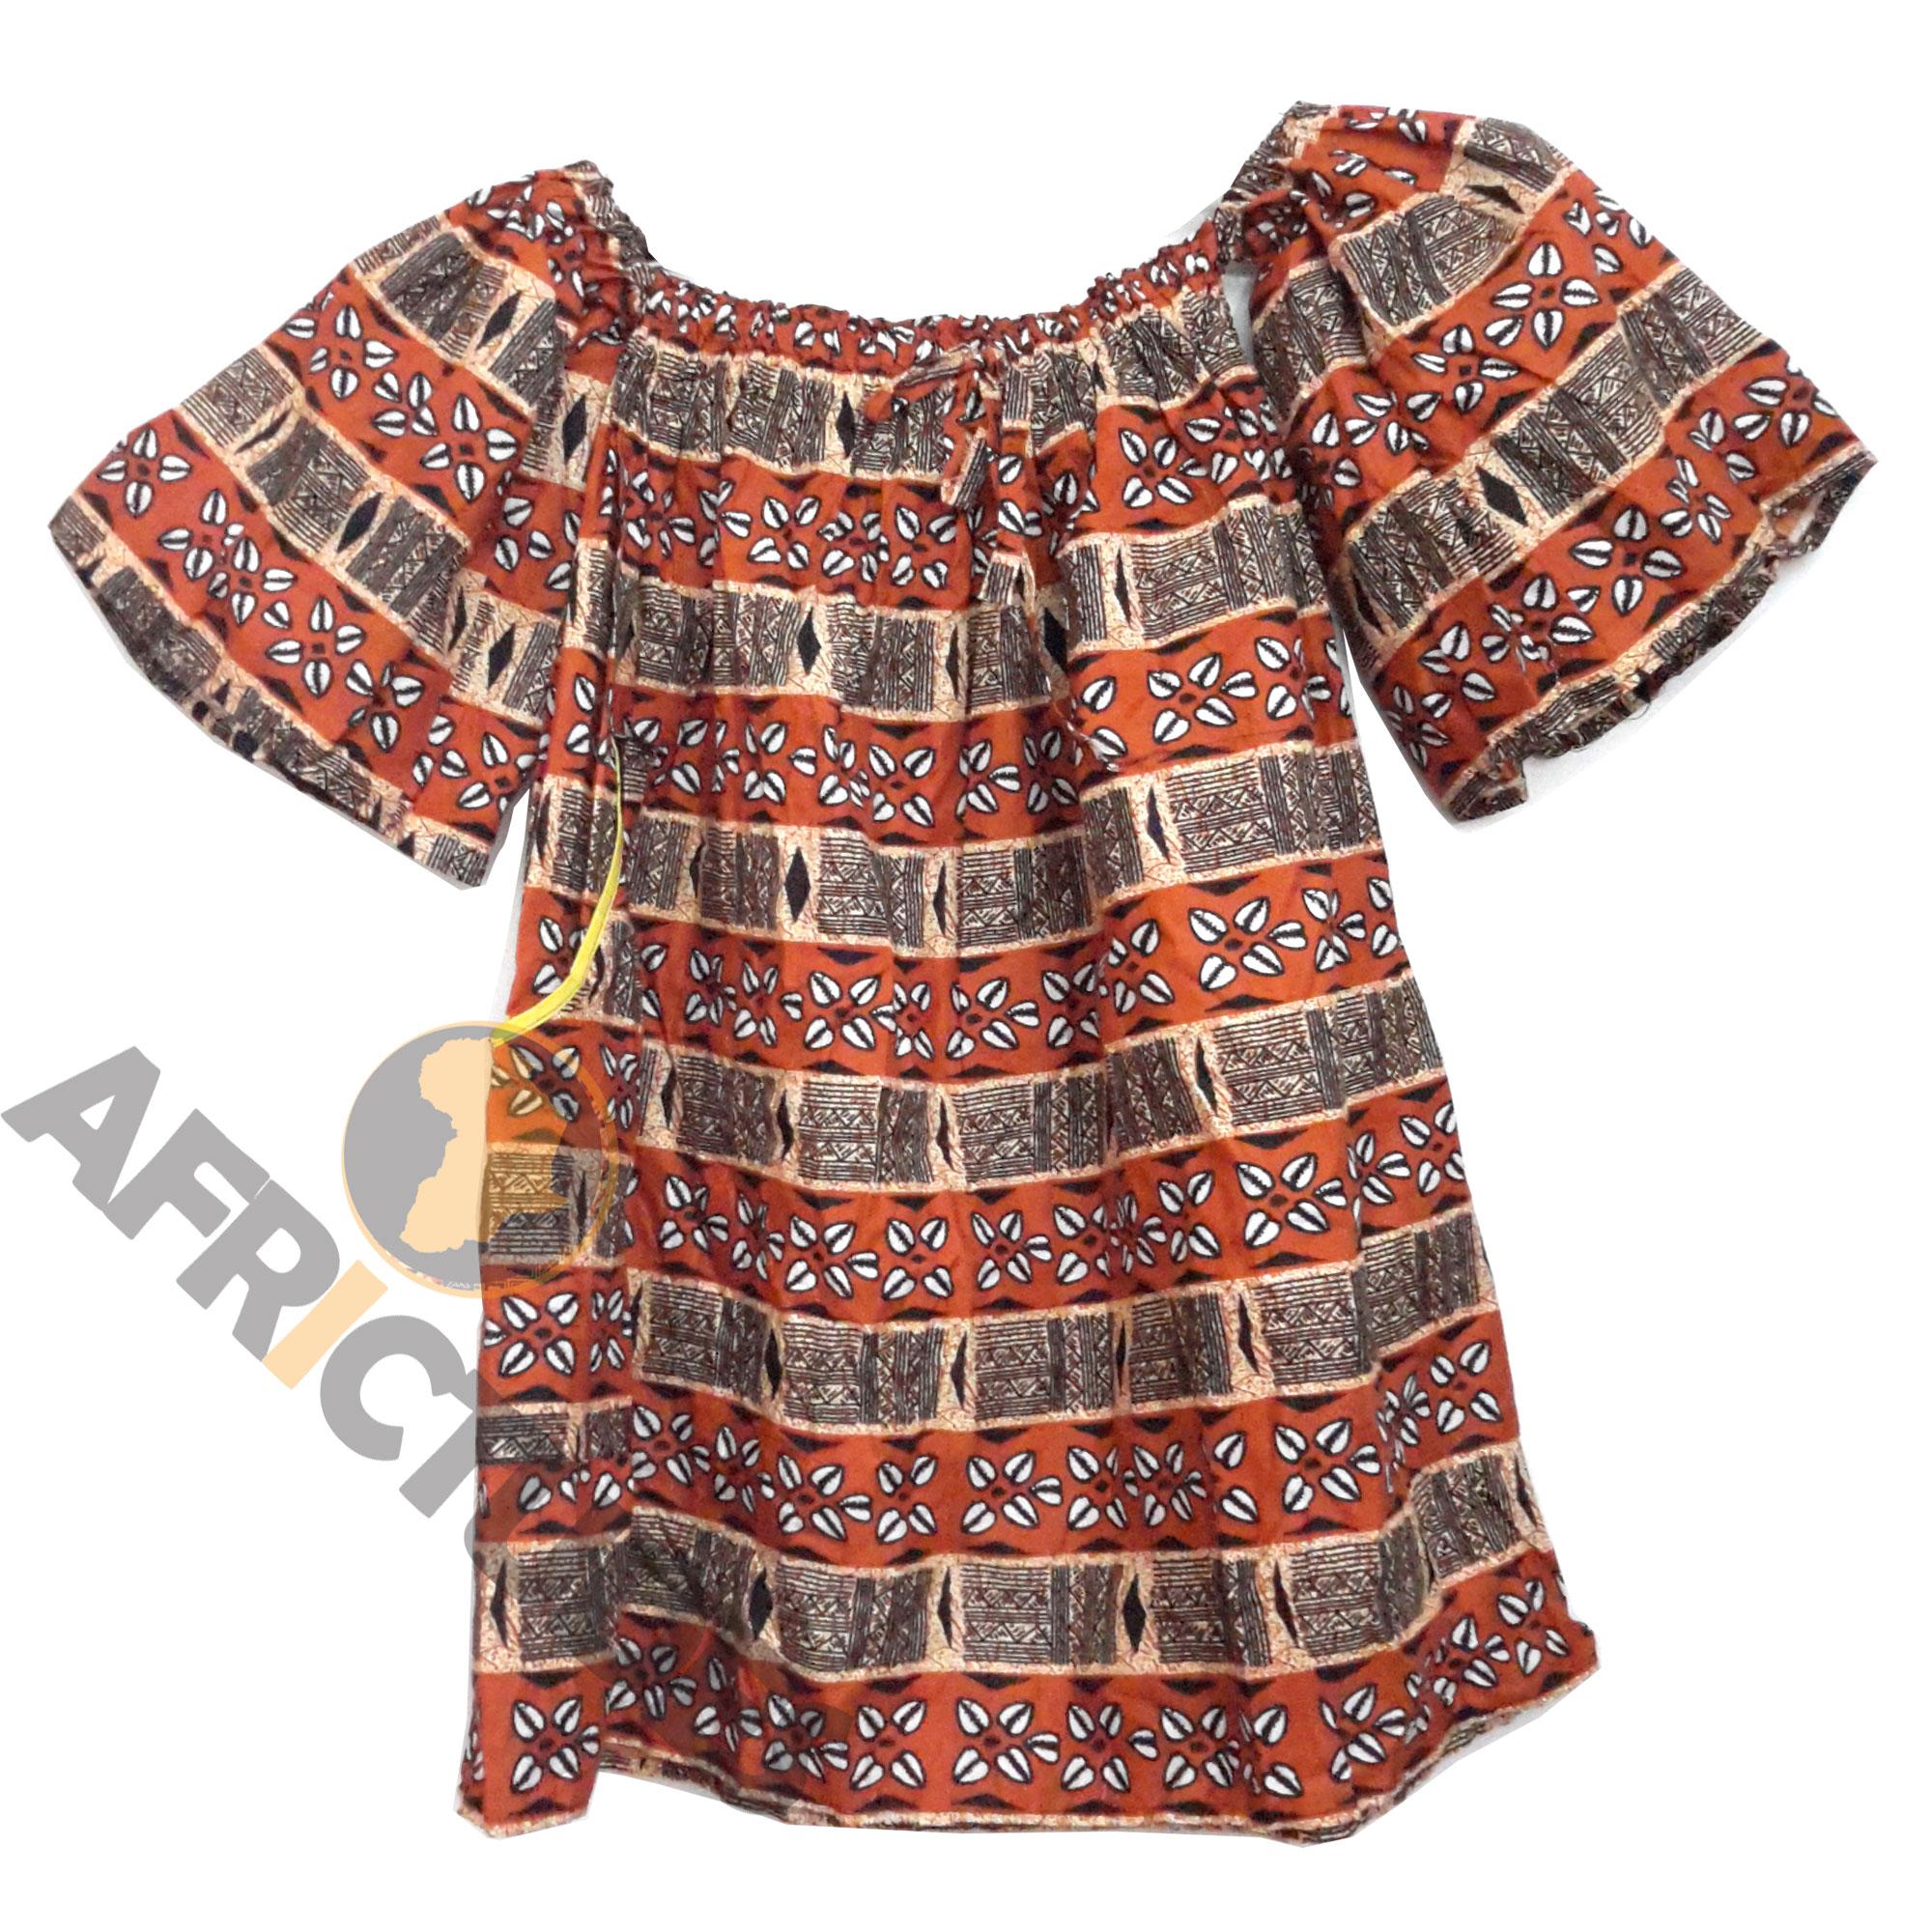 top - vêtement africain a montréal et au canada - mode africaine canada - africtudes